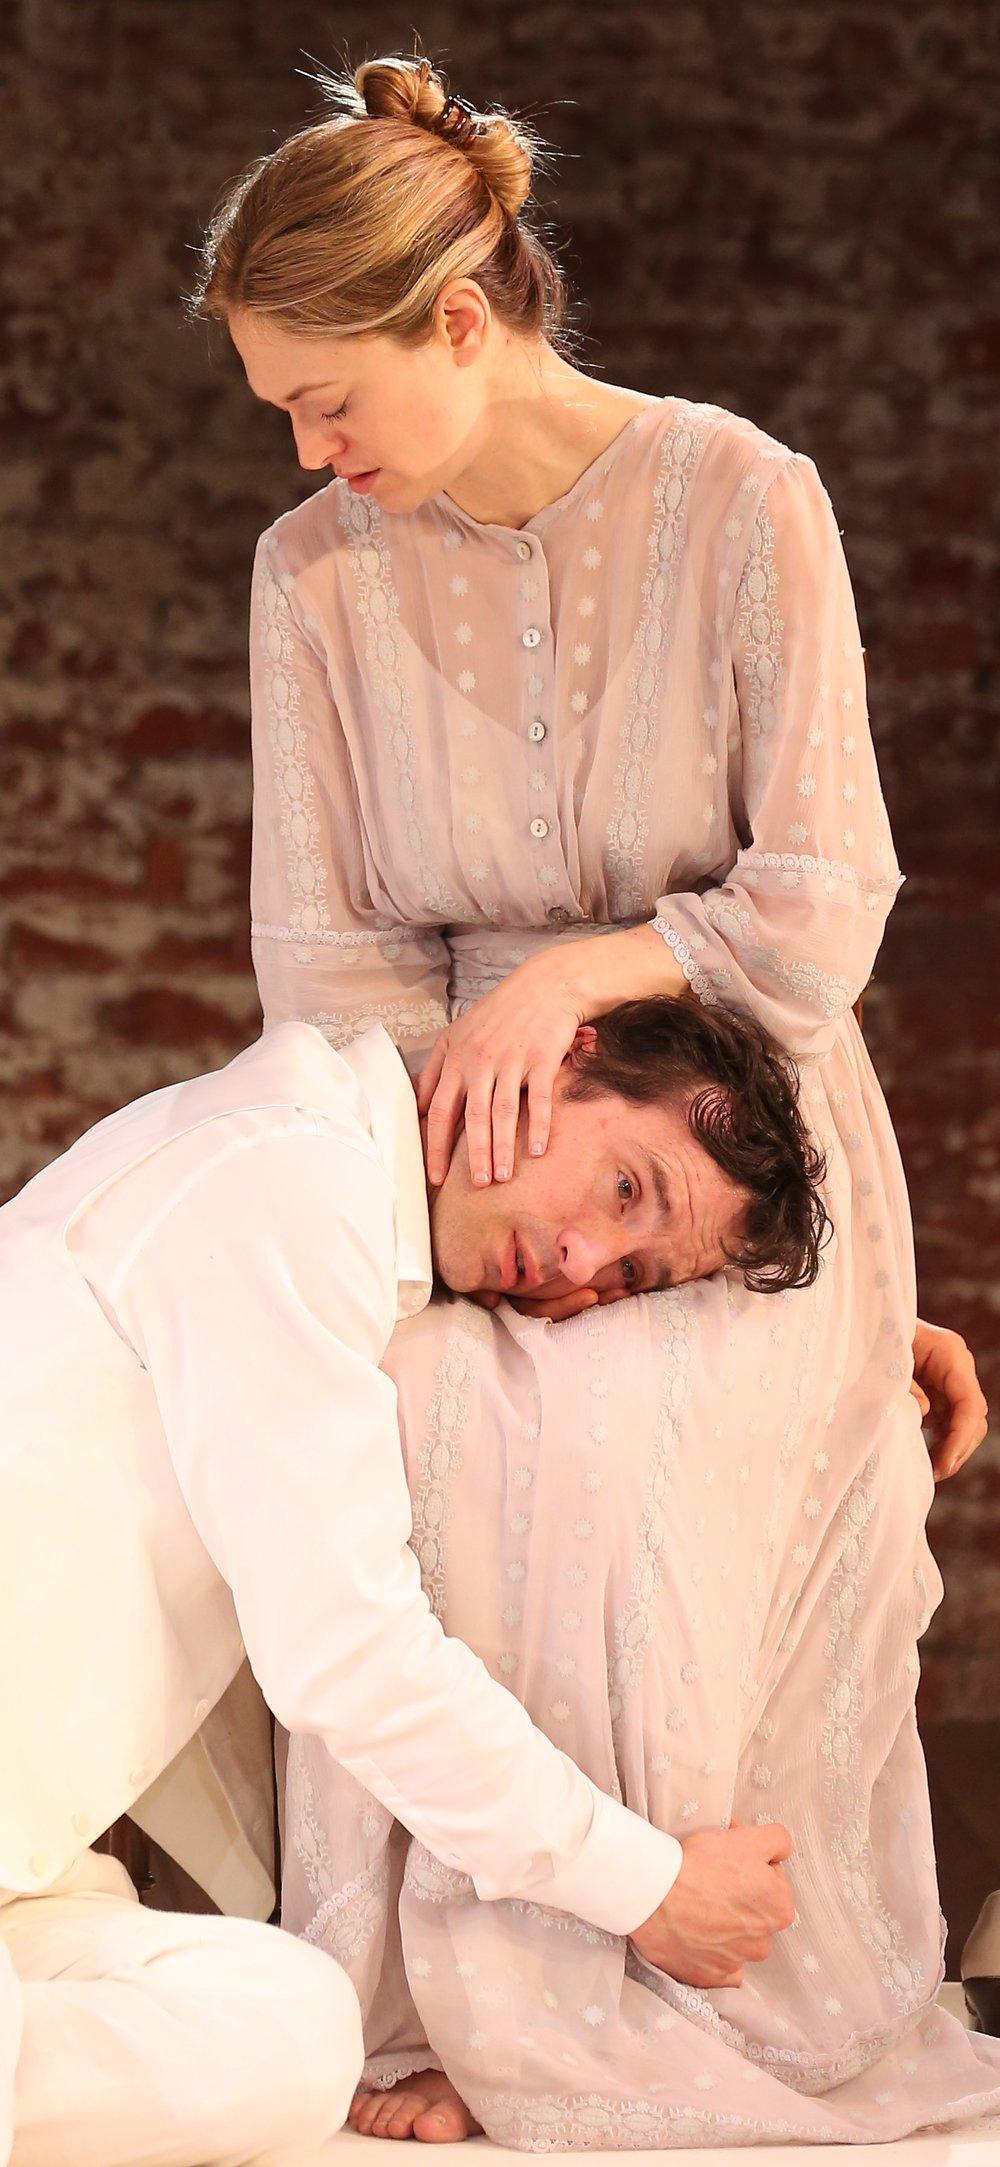 Darrow and Ireland as John and Alma.